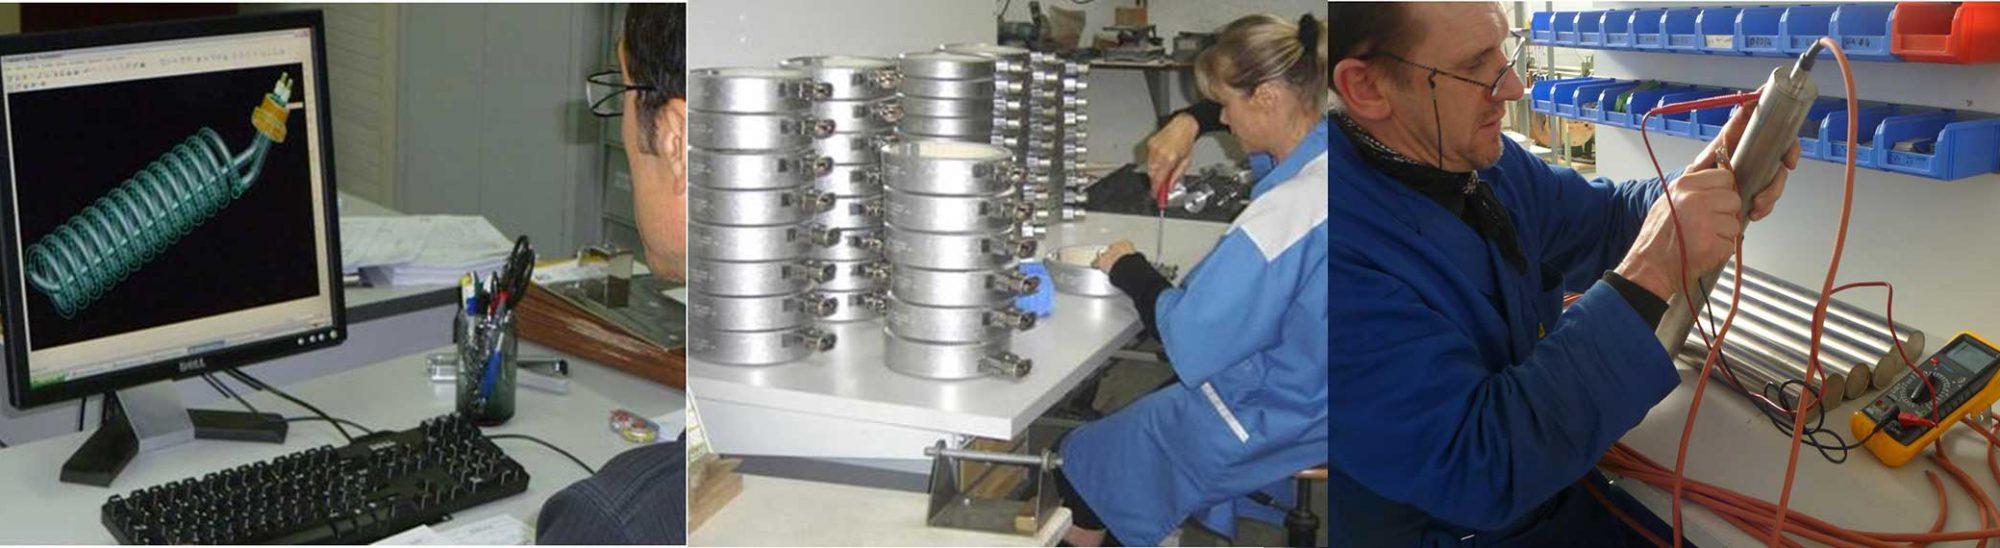 ACI dispose d'un service de réparation et de maintenance  de vos résistances